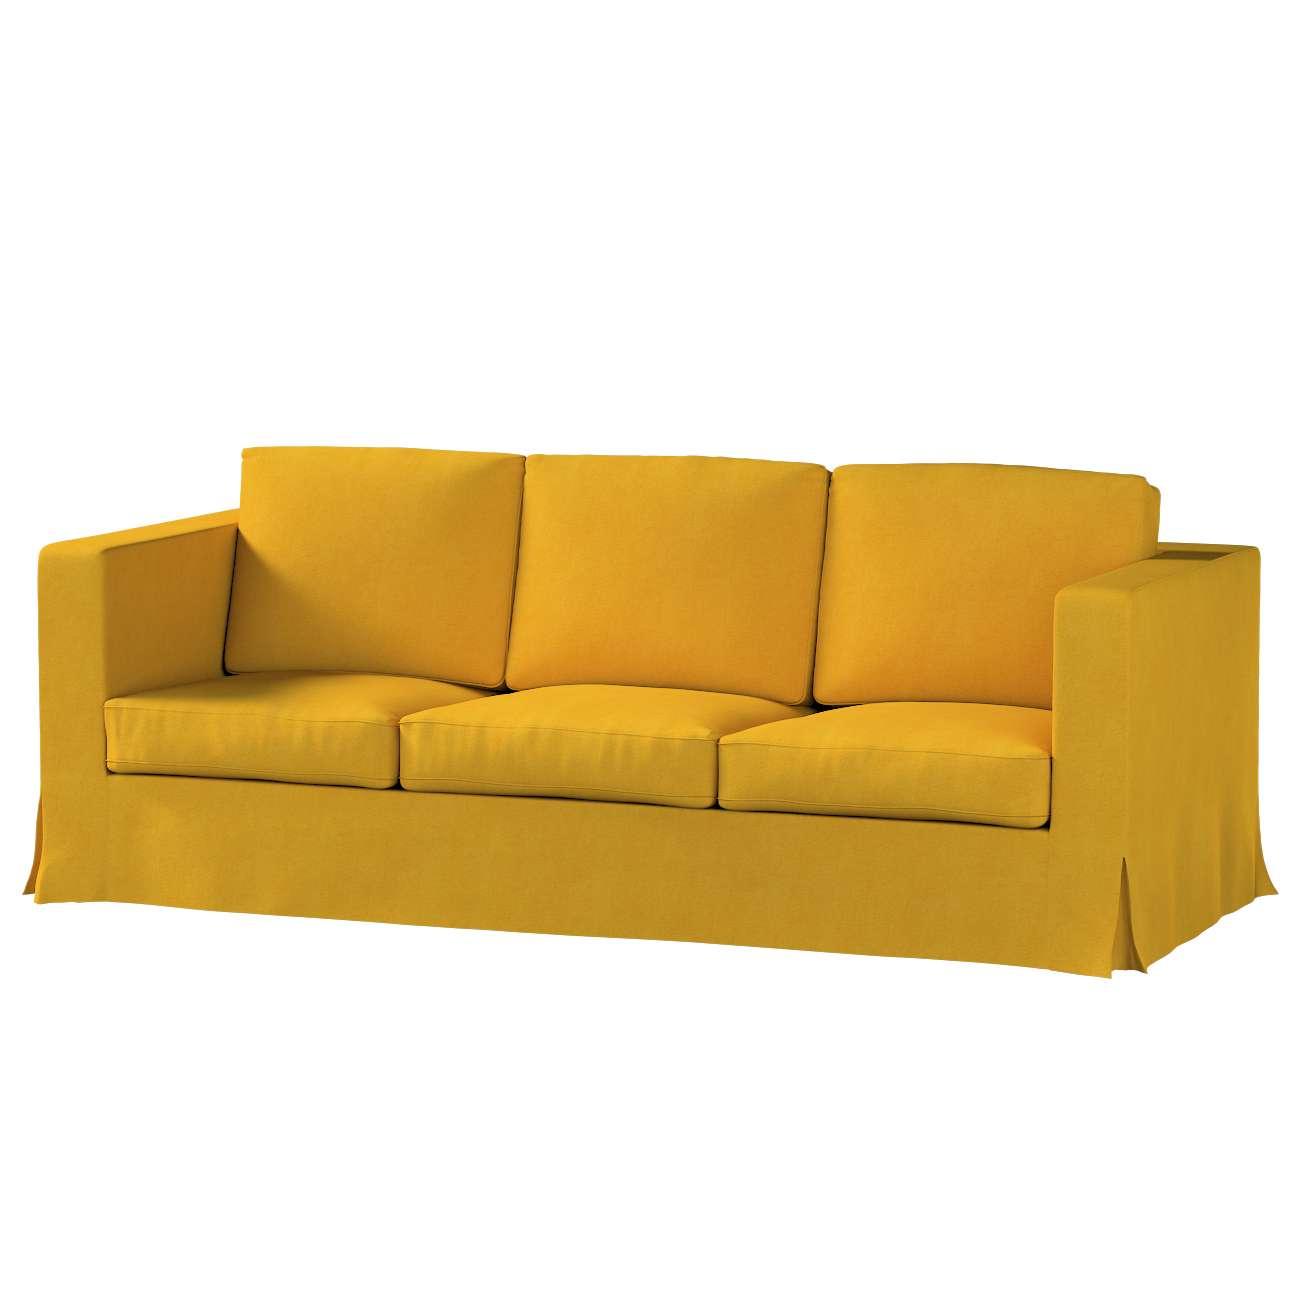 Potah na pohovku IKEA  Karlanda 3-místná nerozkládací, dlouhý pohovka Karlanda 3-os v kolekci Etna, látka: 705-04